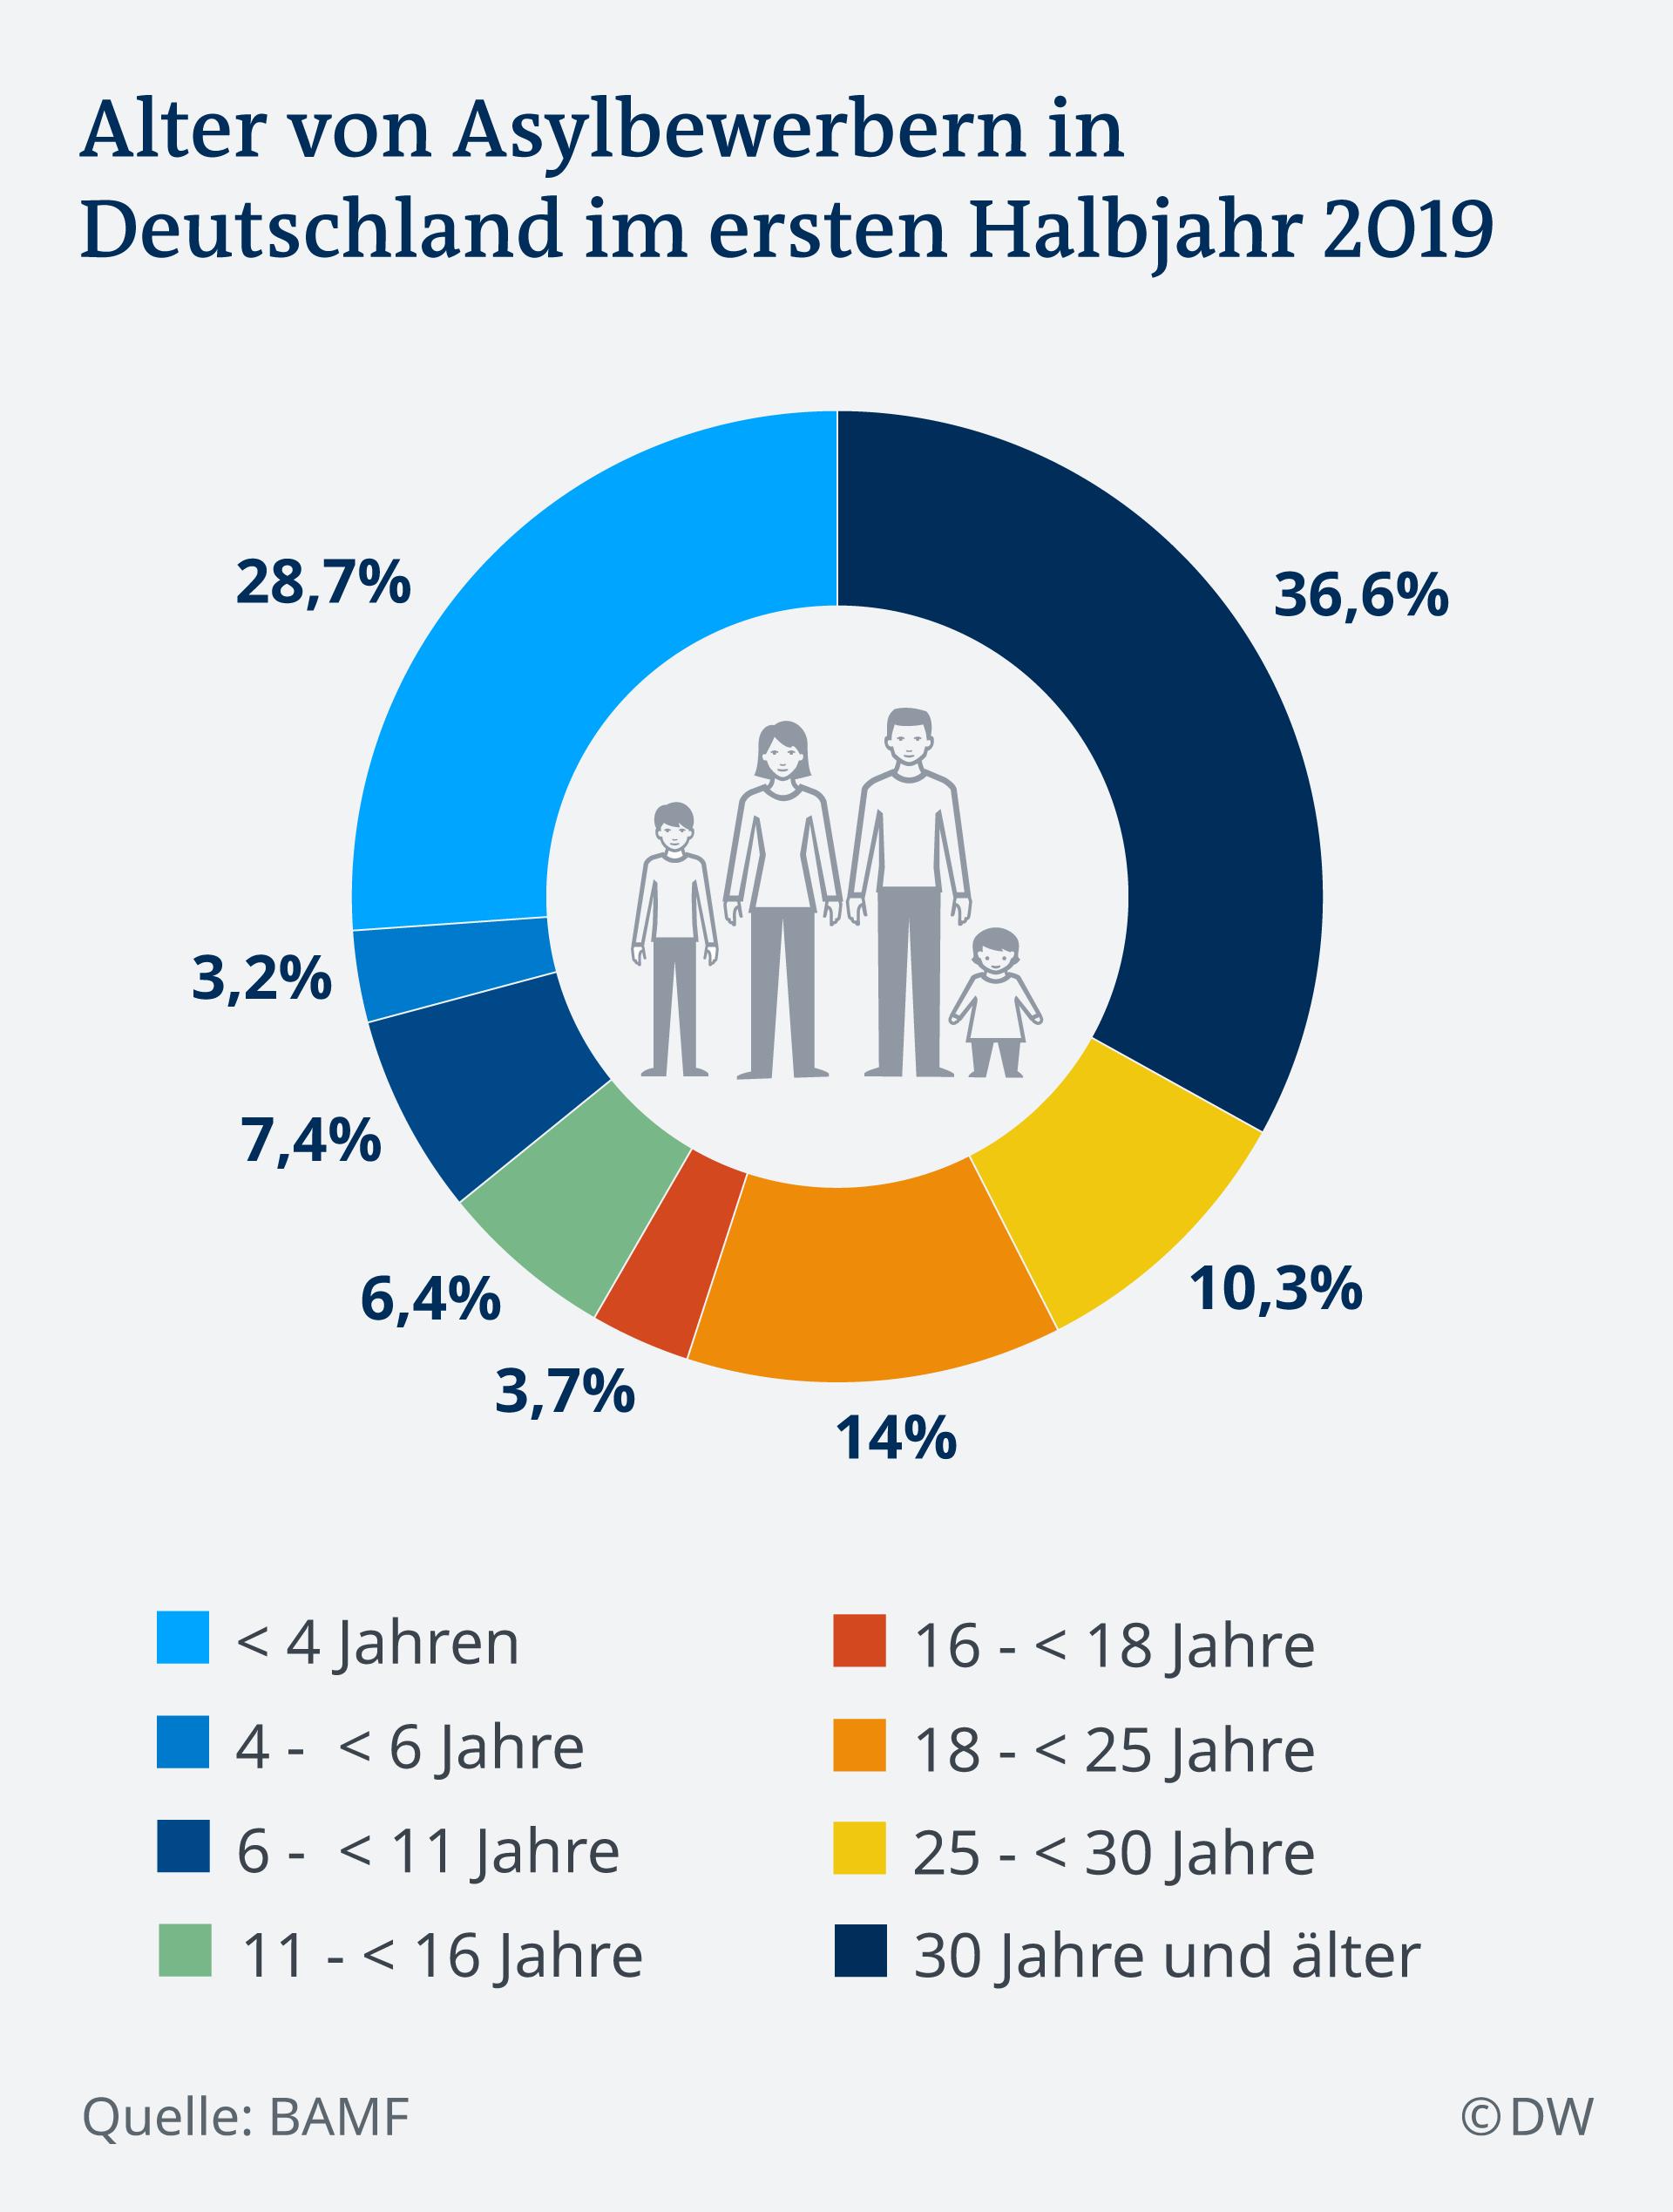 Infografik Alter von Asylbewerbern in Deutschland im ersten Halbjahr 2019 DE